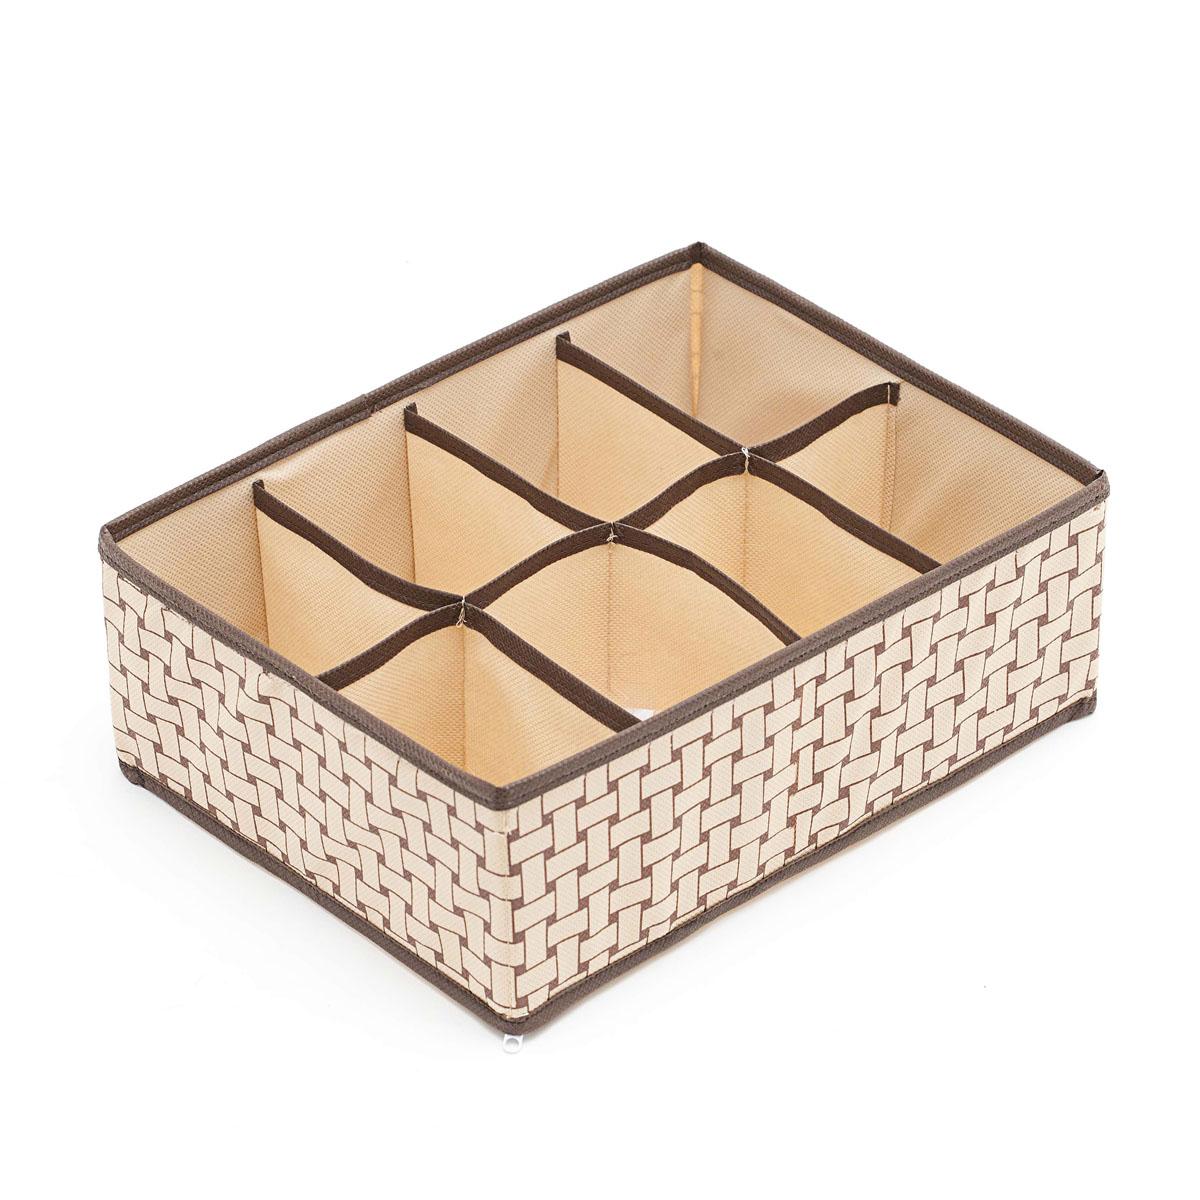 Органайзер для хранения вещей Homsu Pletenka, 8 секций, 31 х 24 х 11 смHOM-160Компактный органайзер Homsu Pletenka изготовлен из высококачественного полиэстера, который обеспечивает естественную вентиляцию. Материал позволяет воздуху свободно проникать внутрь, но не пропускает пыль. Органайзер отлично держит форму, благодаря вставкам из плотного картона. Изделие имеет 8 квадратных секций для хранения нижнего белья, колготок, носков и другой одежды.Такой органайзер позволит вам хранить вещи компактно и удобно.